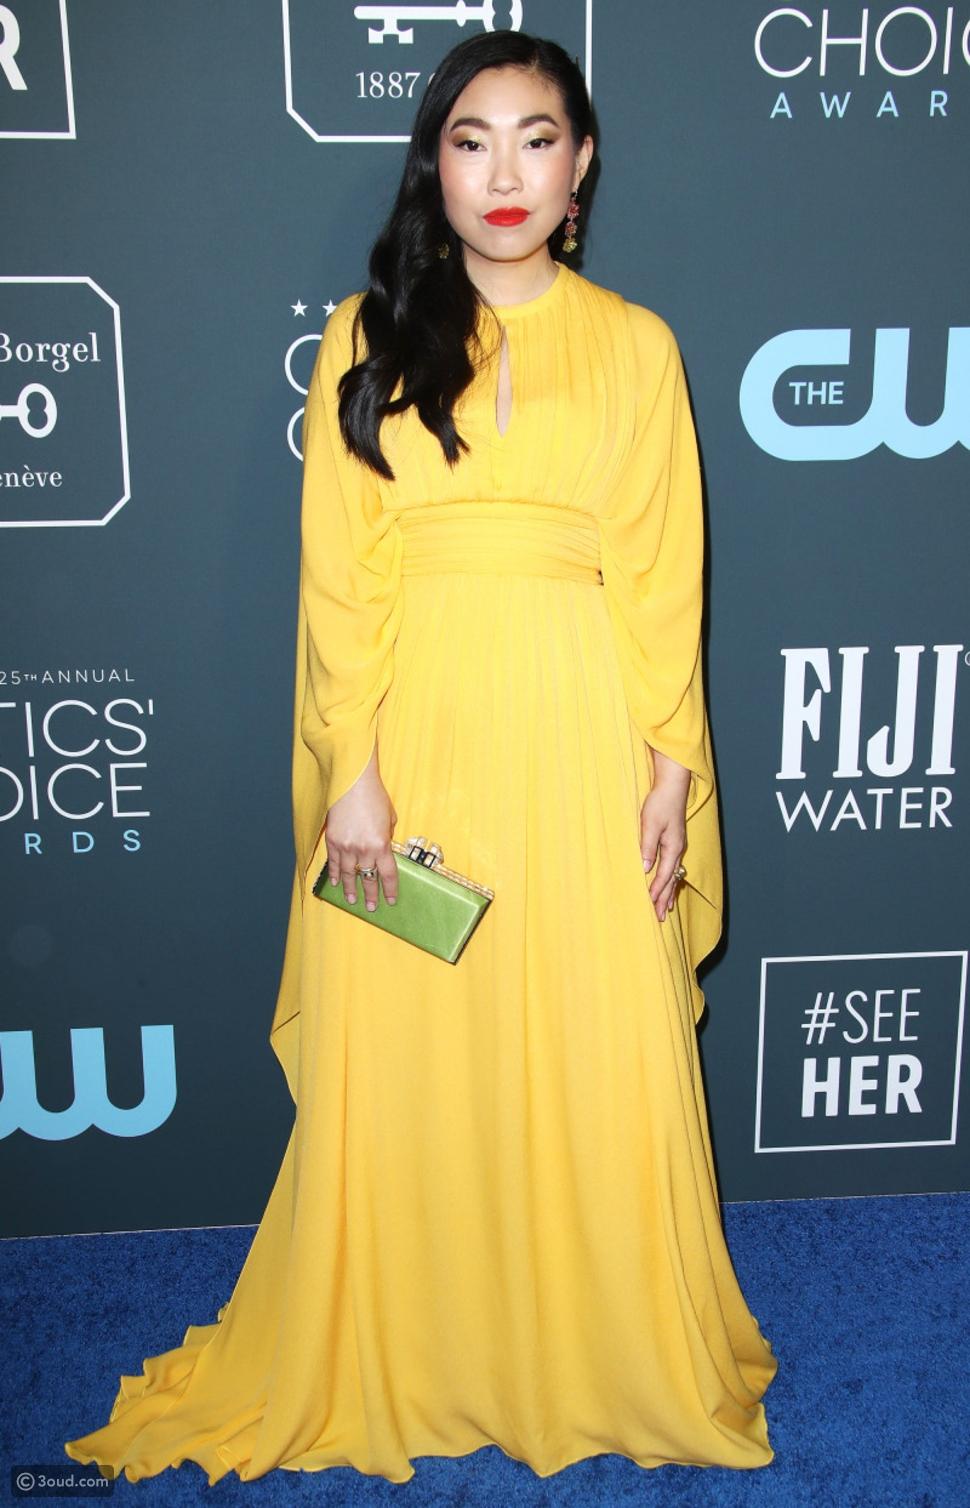 مصمما أزياء عرب ضمن اختيارات نجمات هوليود في Critics Choice Awards